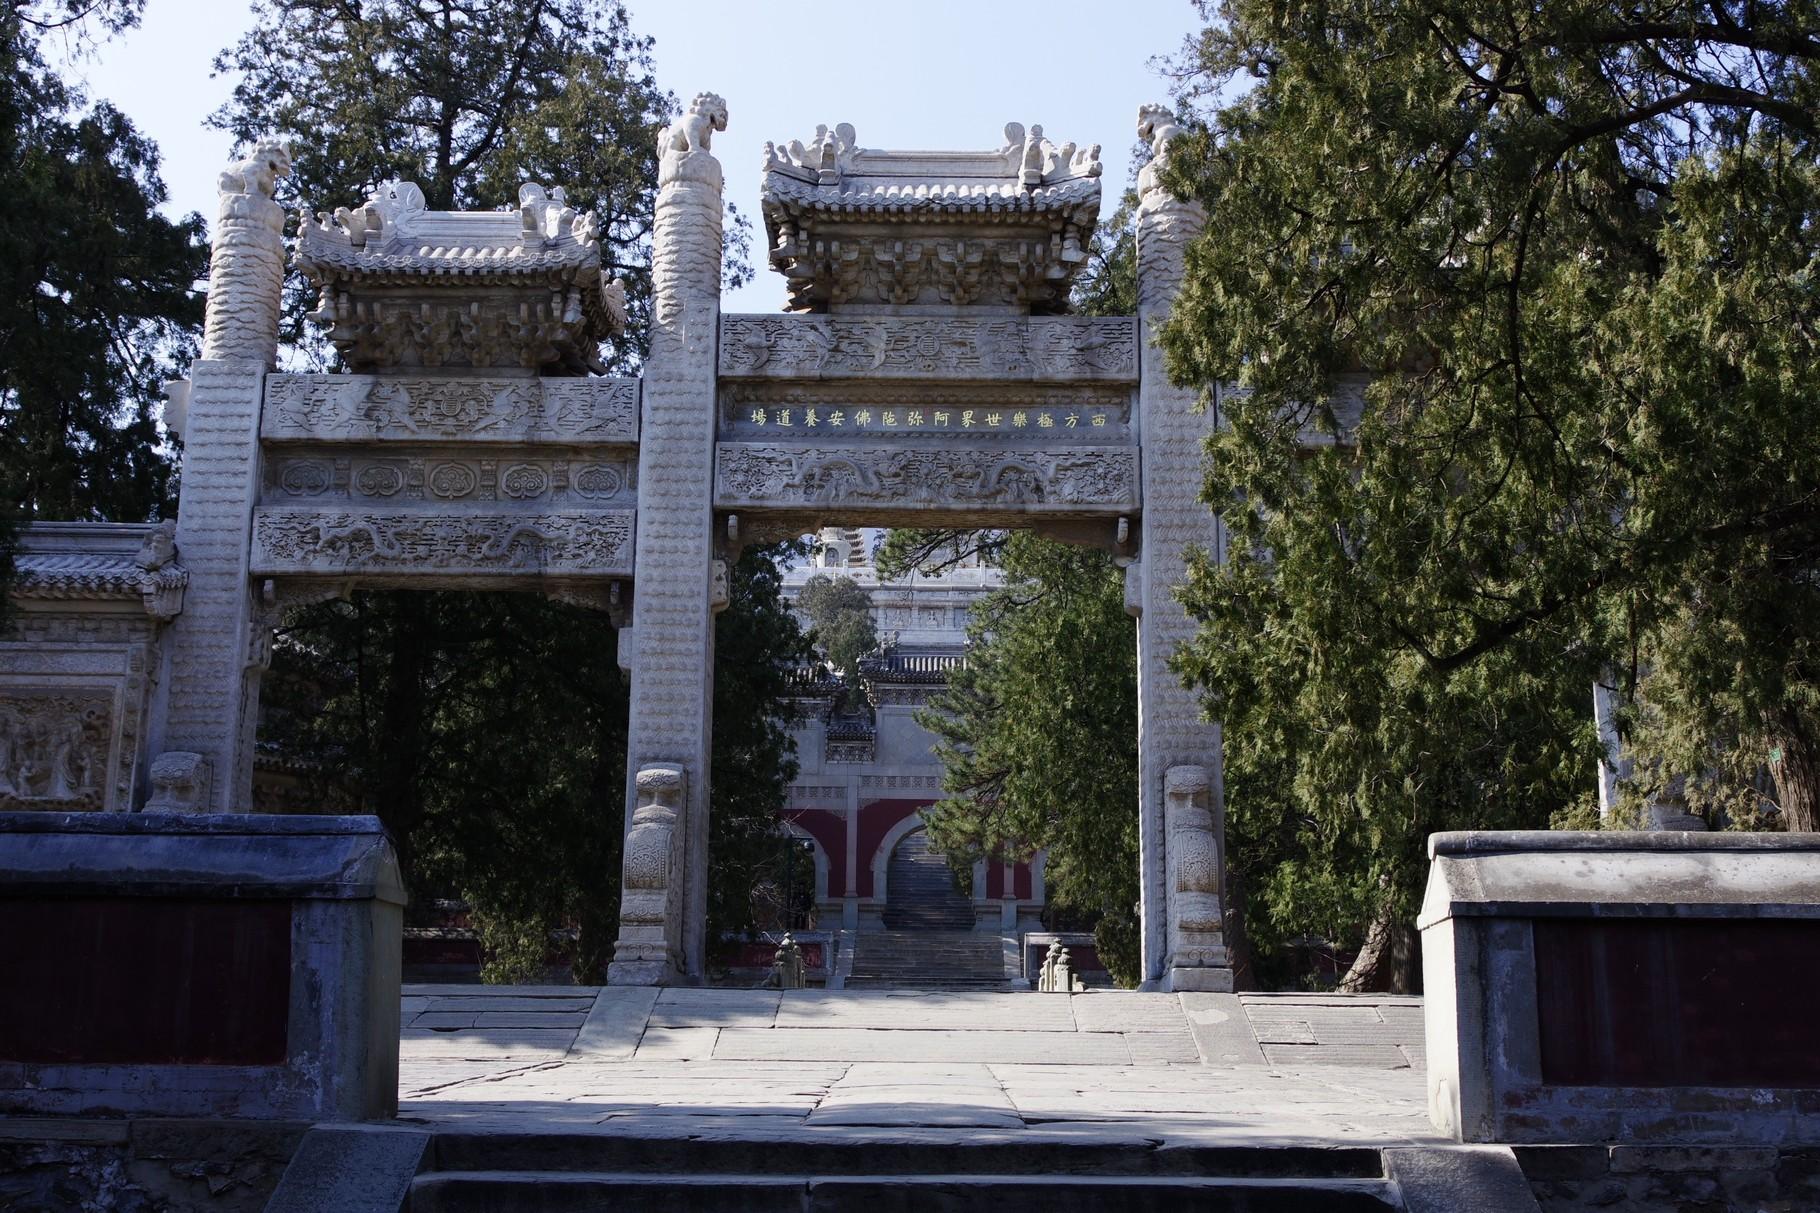 舎利塔の入り口の石牌楼